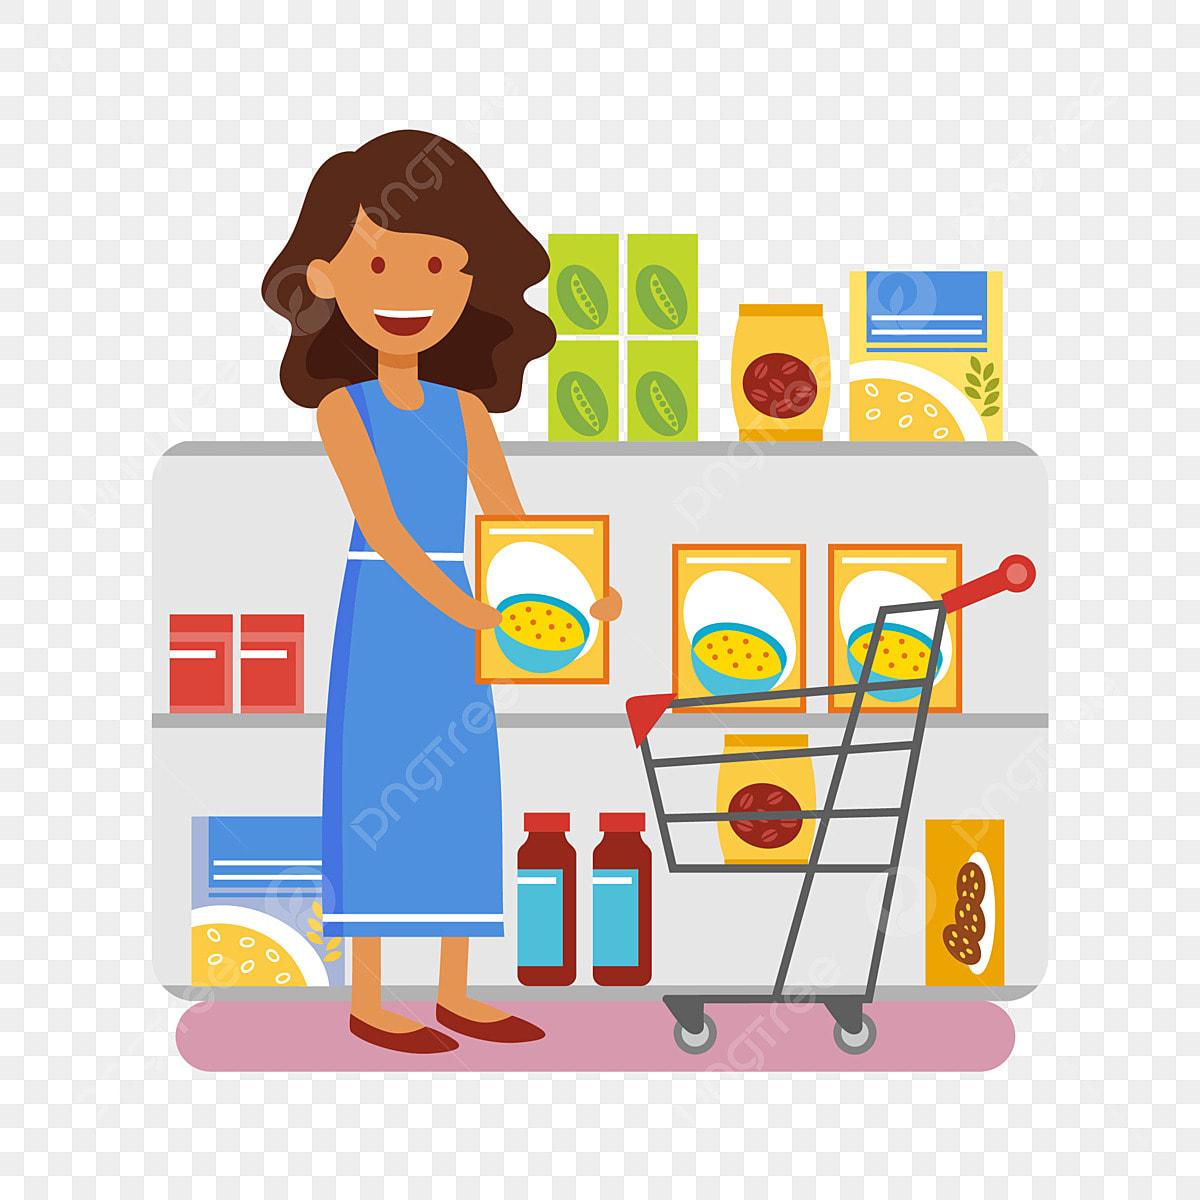 dessin anim u00e9 supermarch u00e9 centre commercial magasin